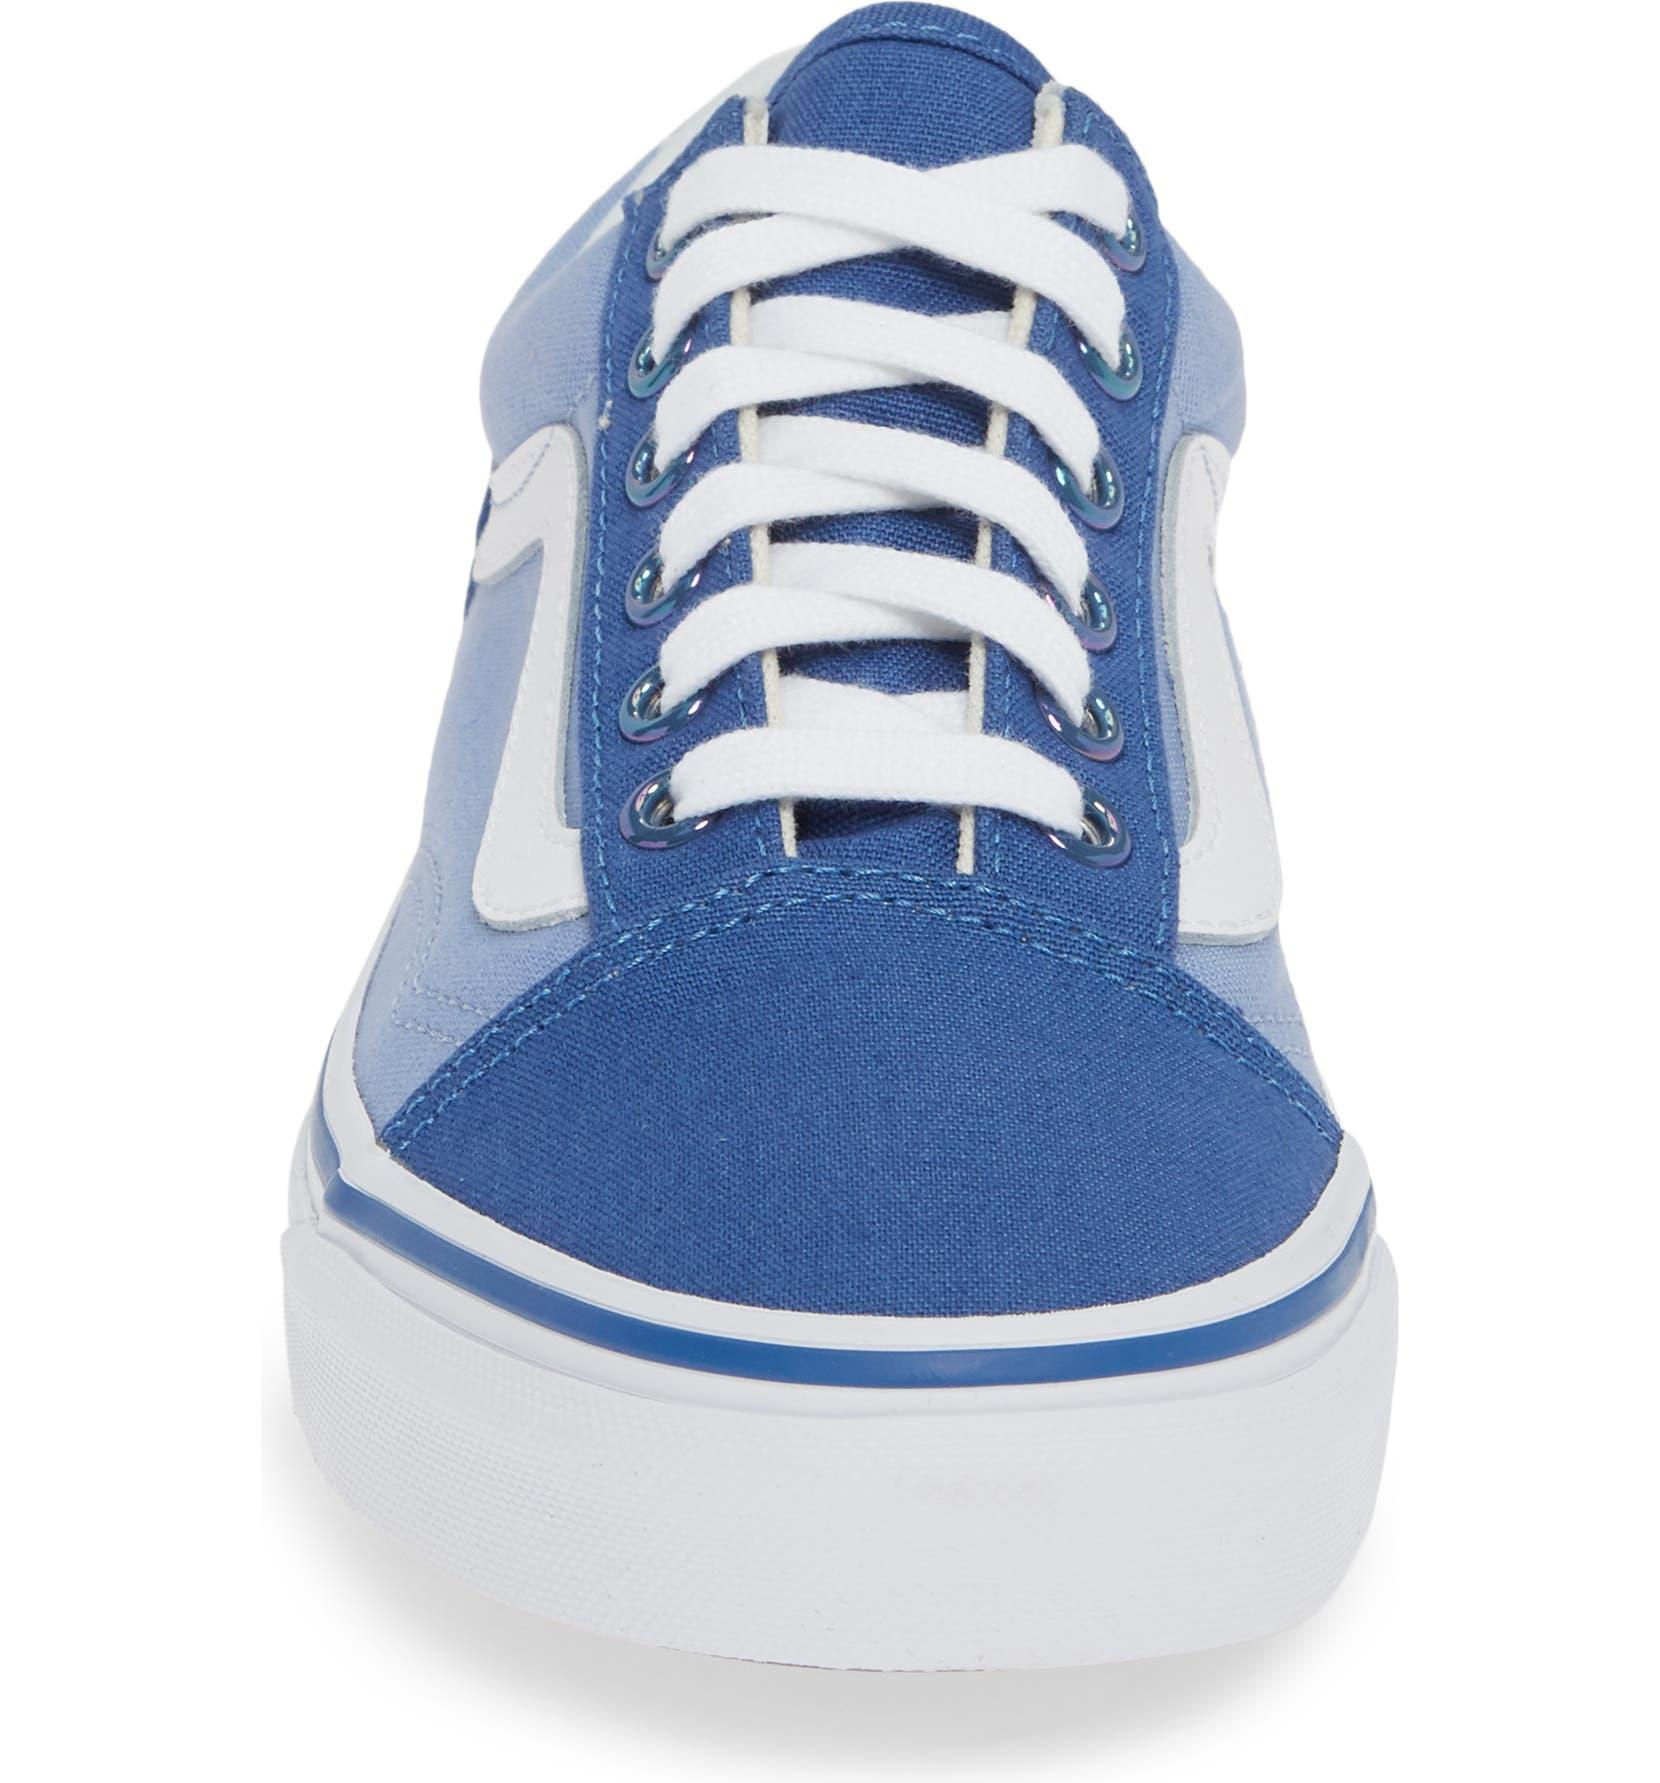 Vans Old Skool Sneaker (Women)   Nordstrom